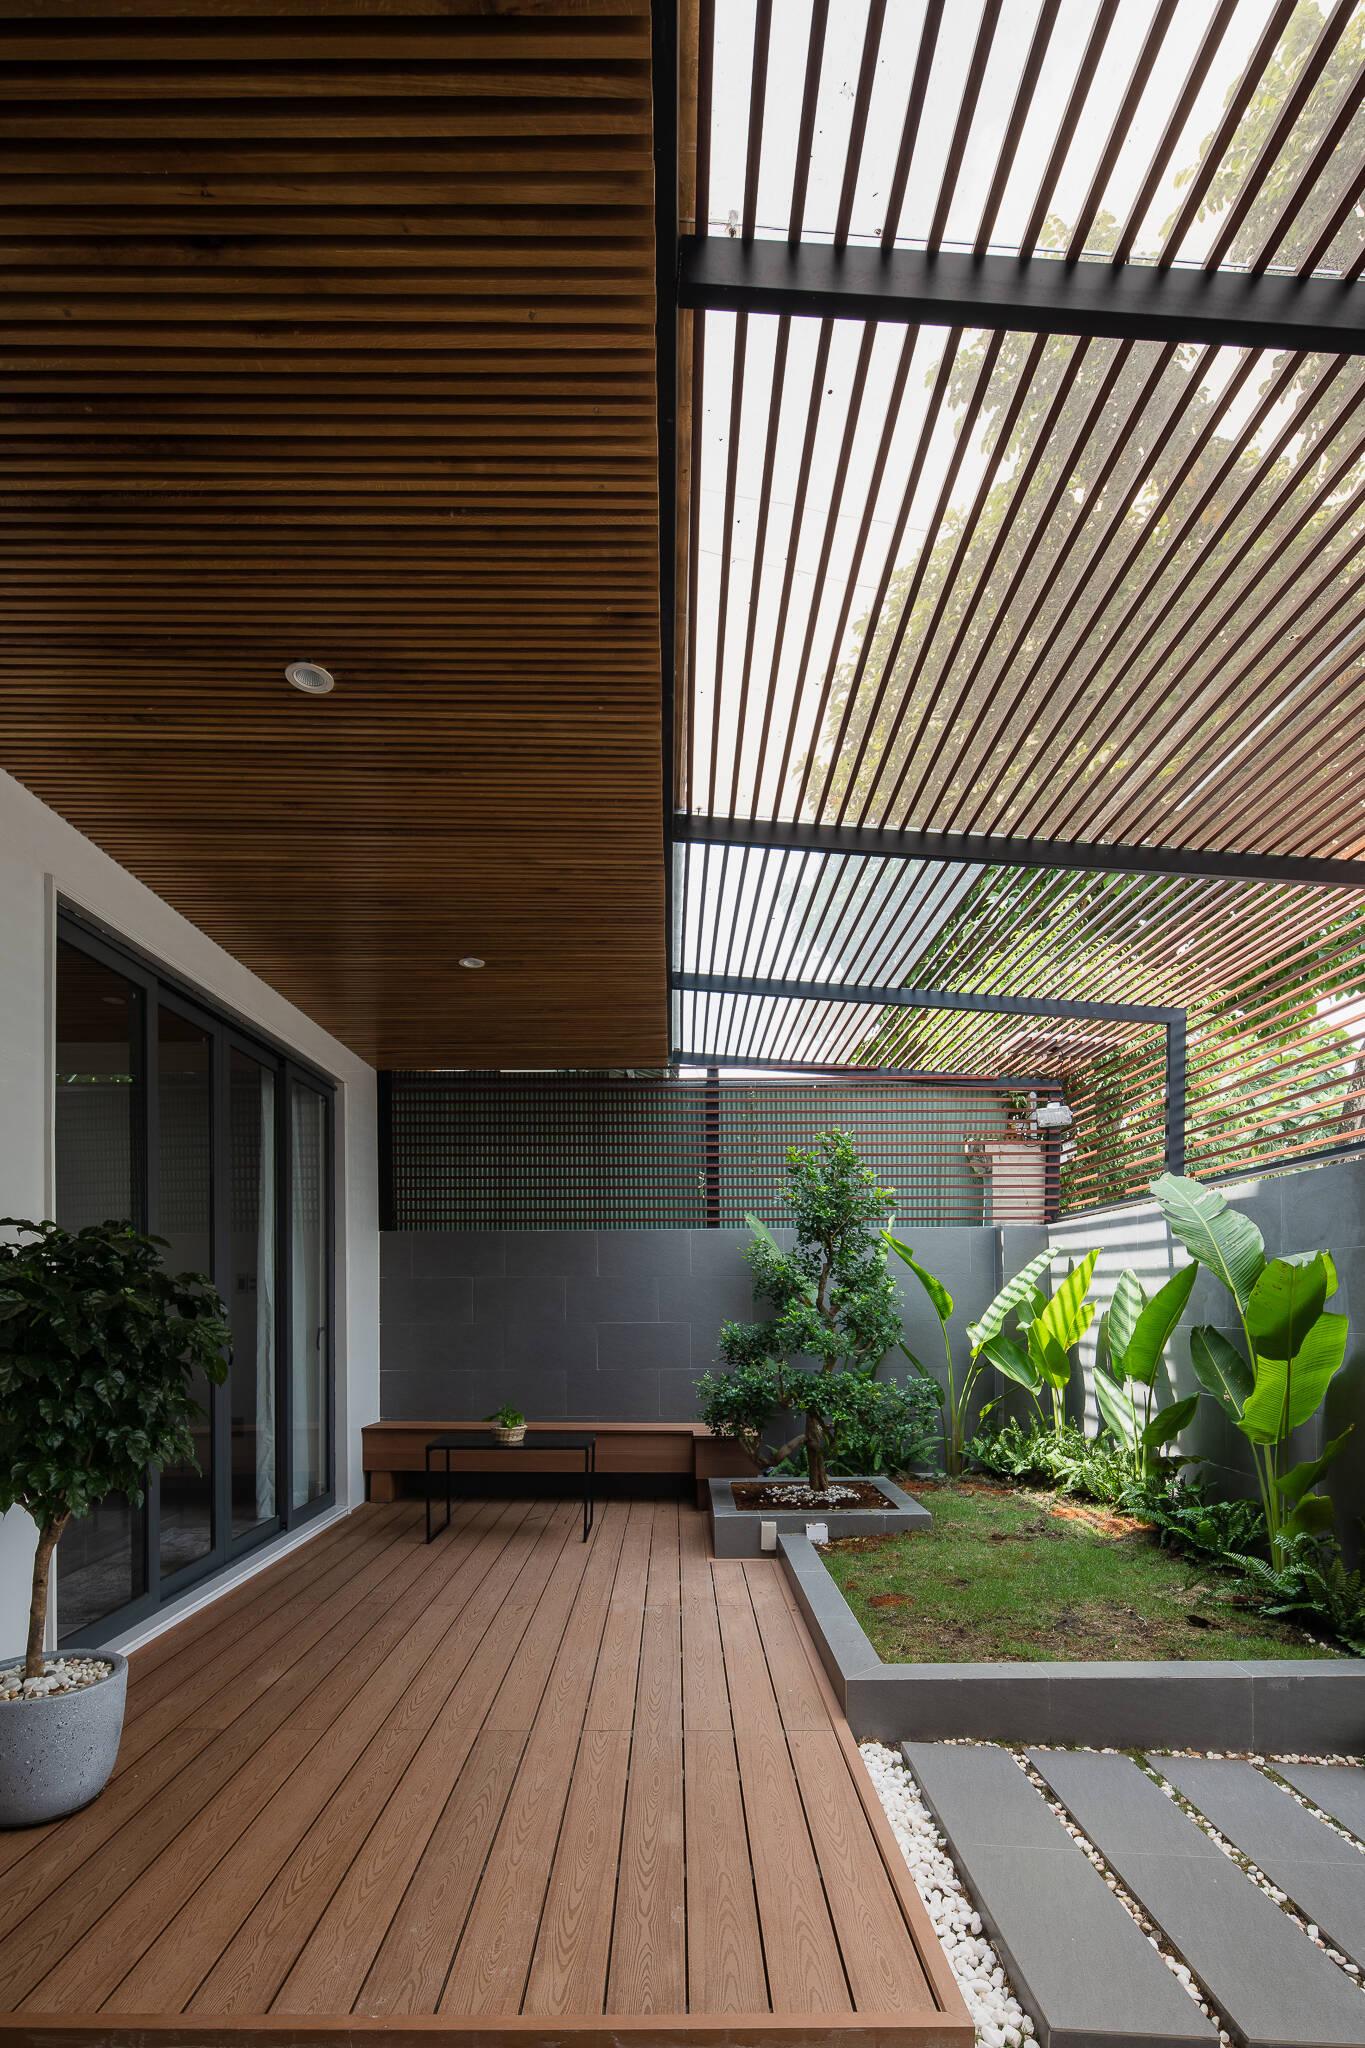 Khoảng sân có mái hiên là địa điểm lý tưởng để tiếp khách, thưởng trà hoặc đơn giản ngồi thư giãn sau một ngày dài làm việc